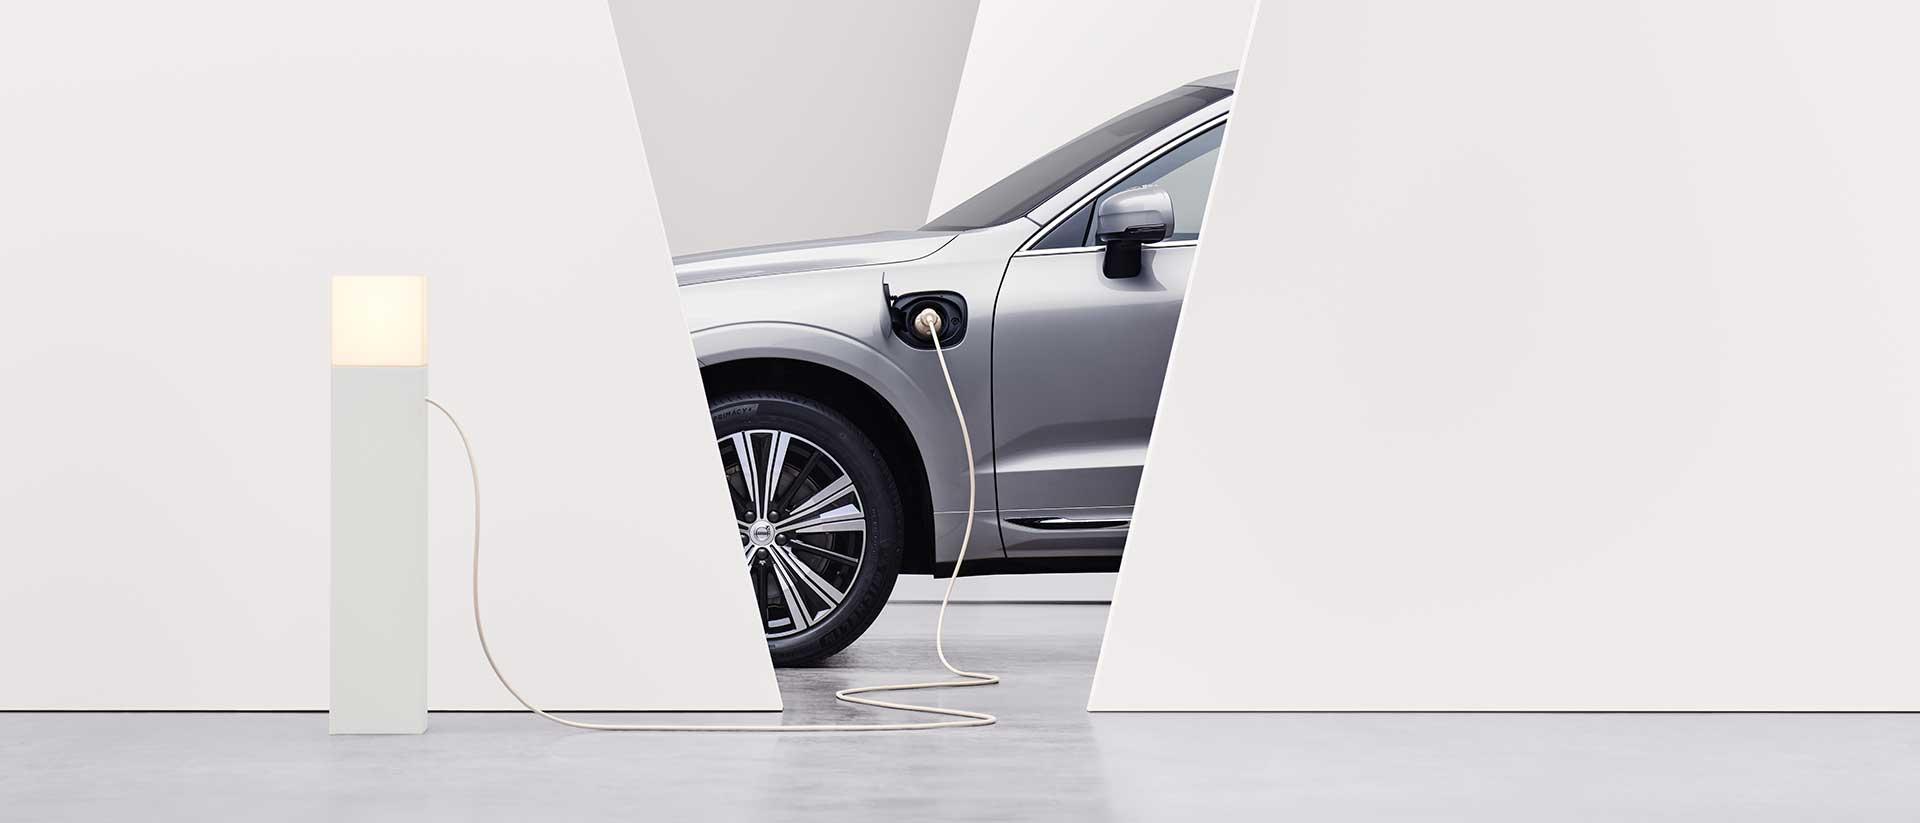 Samochód Volvo ładuje się na stacji ładowania.